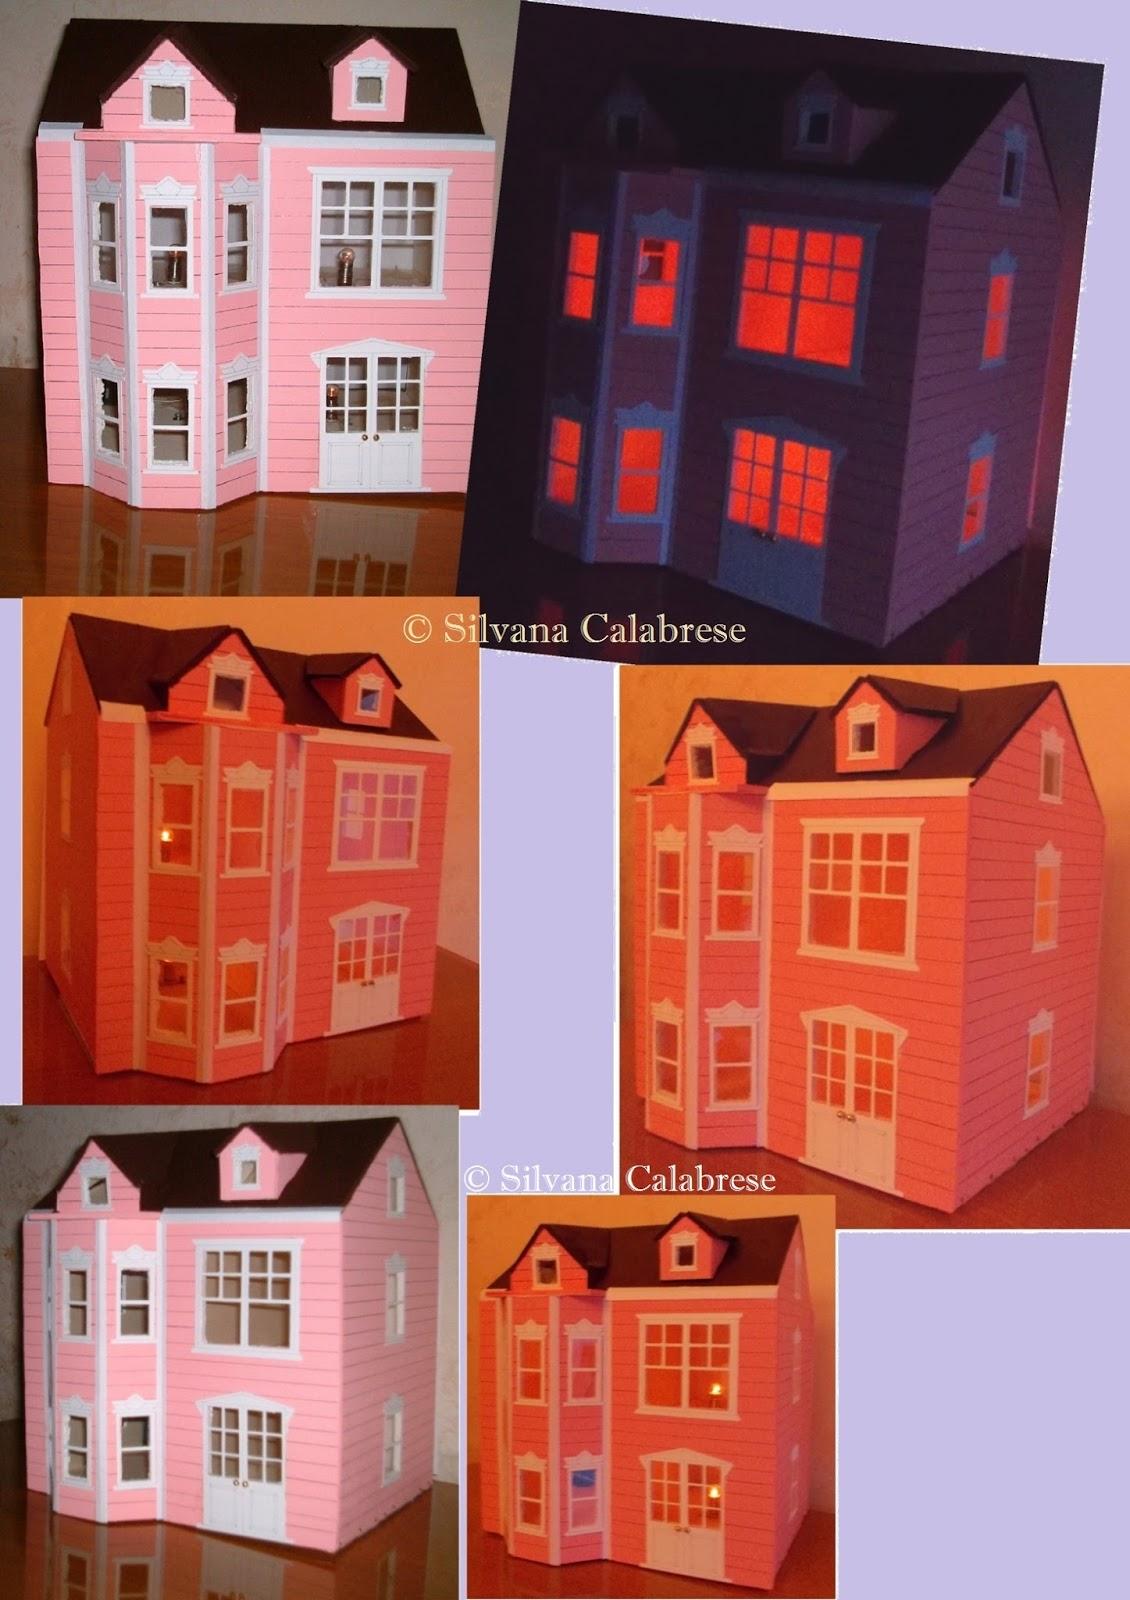 La scorribanda legale di silvana calabrese modellino casa for Costruire una casa in stile vittoriano